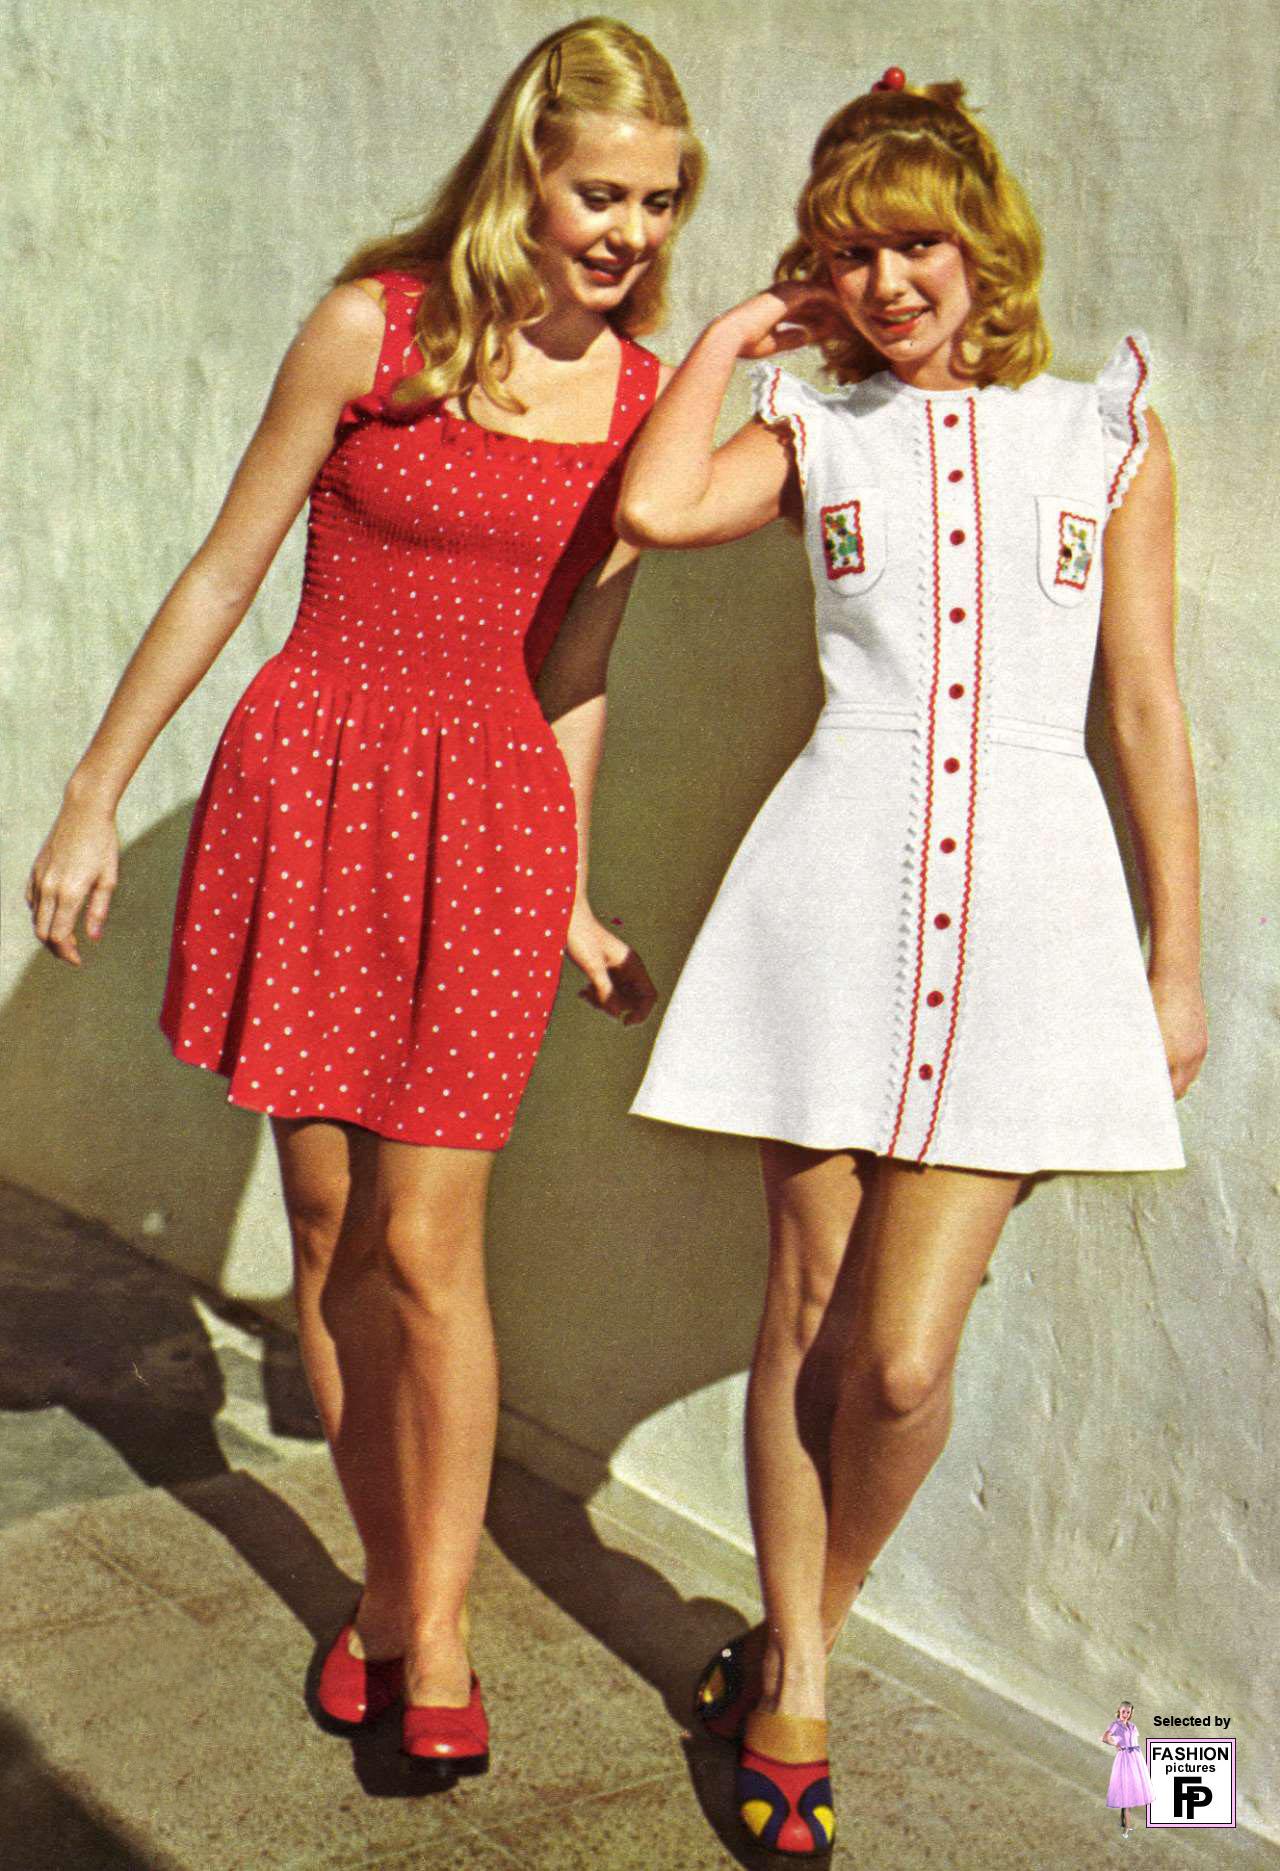 Fashion of 1970s -  1970s Fashion 1973 1 Qu 0005